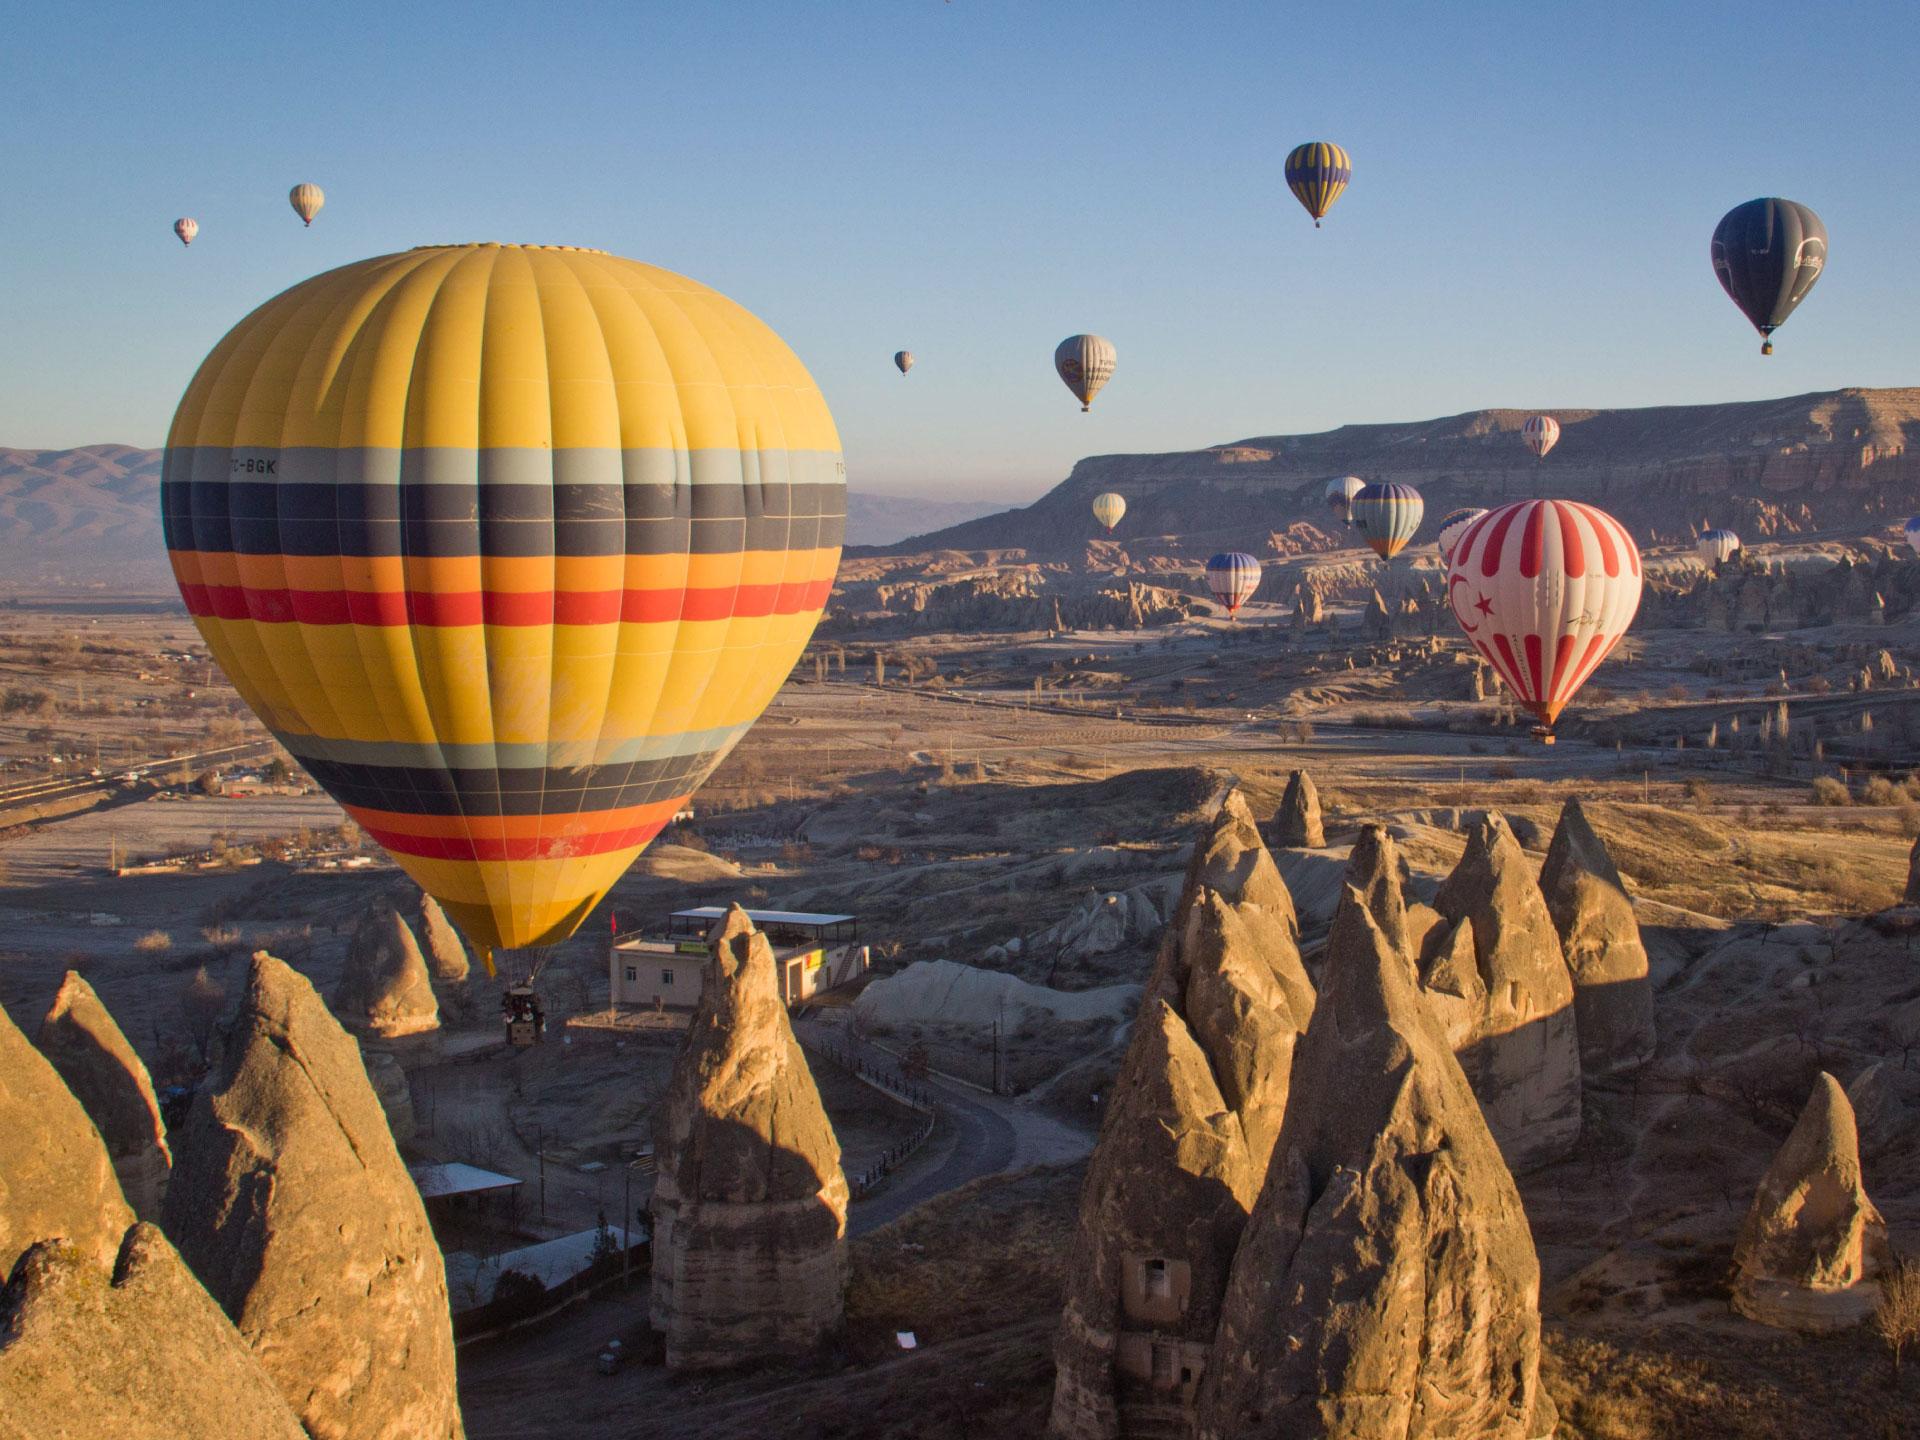 5 เมืองต้องห้ามพลาดเพื่อไปเที่ยว ตุรกี - PUEANRY